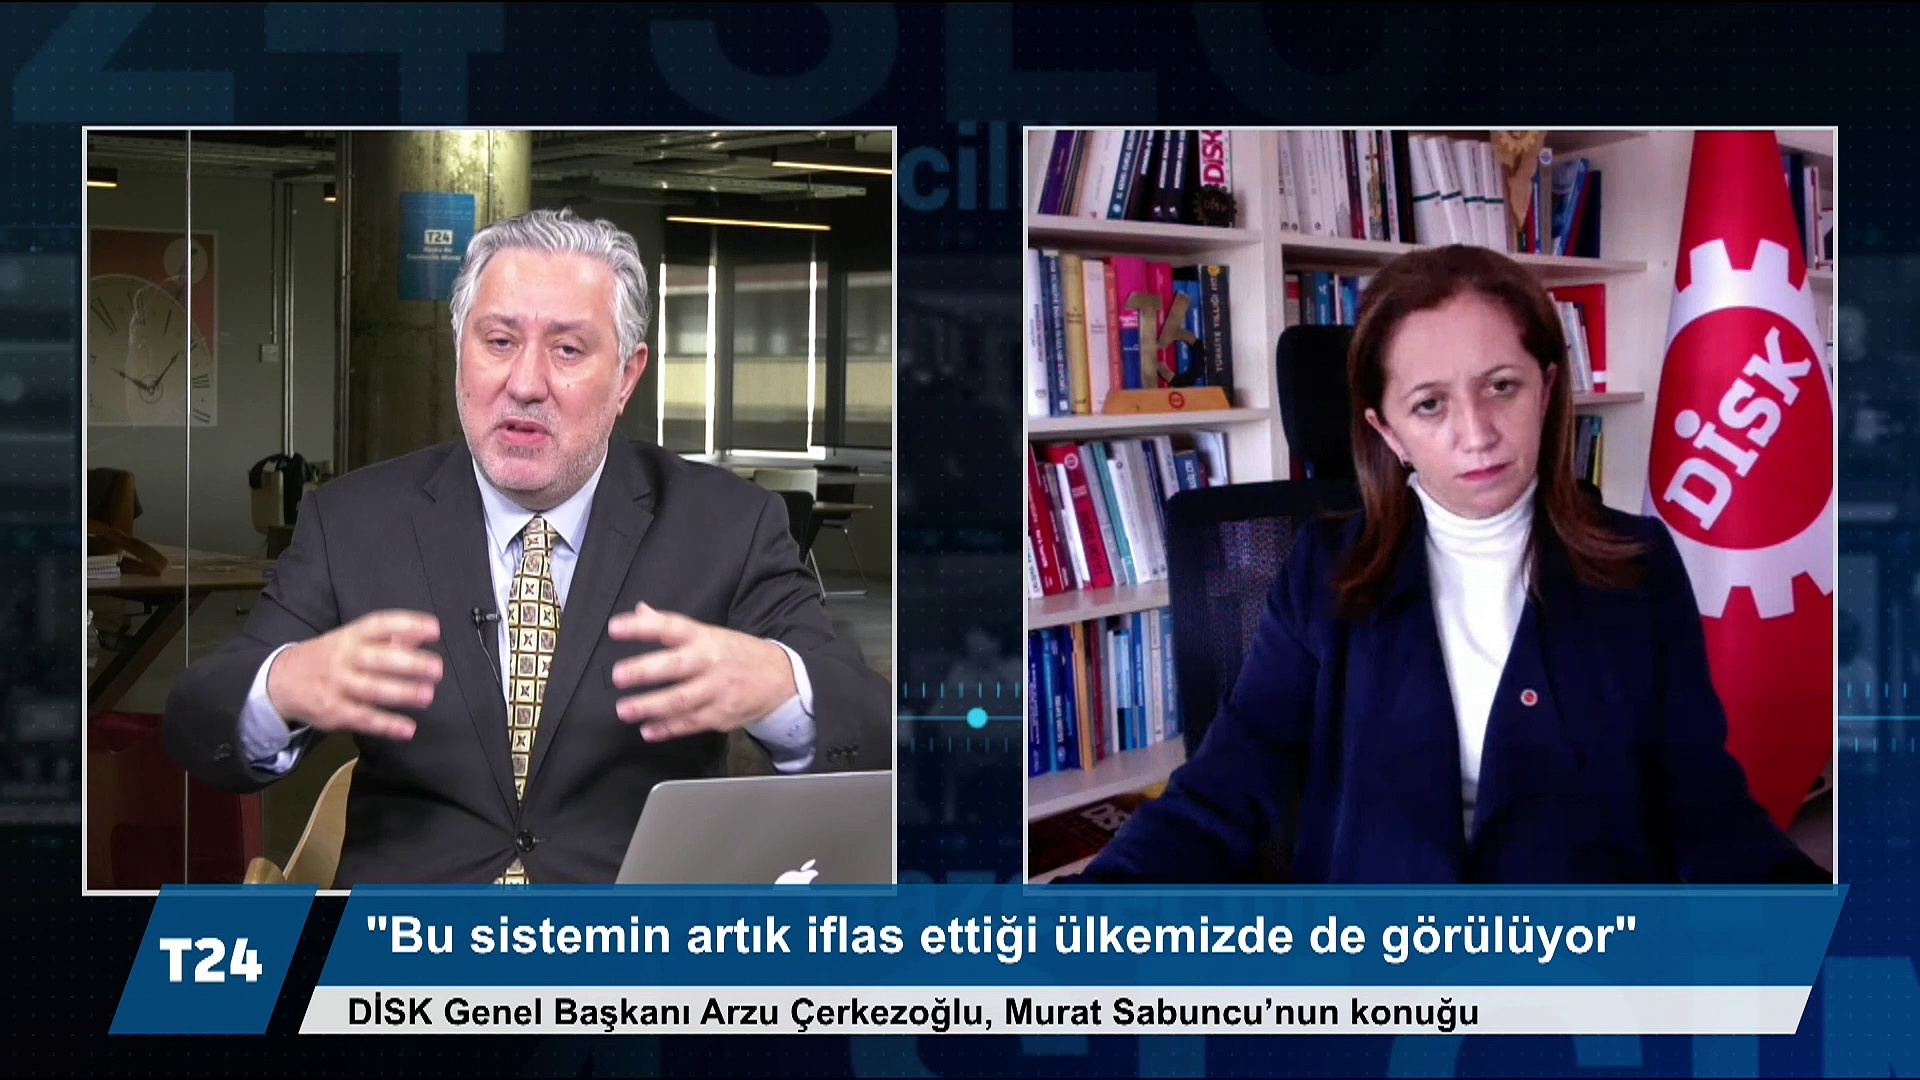 DİSK Genel Başkanı Arzu Çerkezoğlu: Bu sistemin vadedeceği bir şey kalmadı; sendikaların da özeleştirel bir yaklaşım içinde olması gerekir